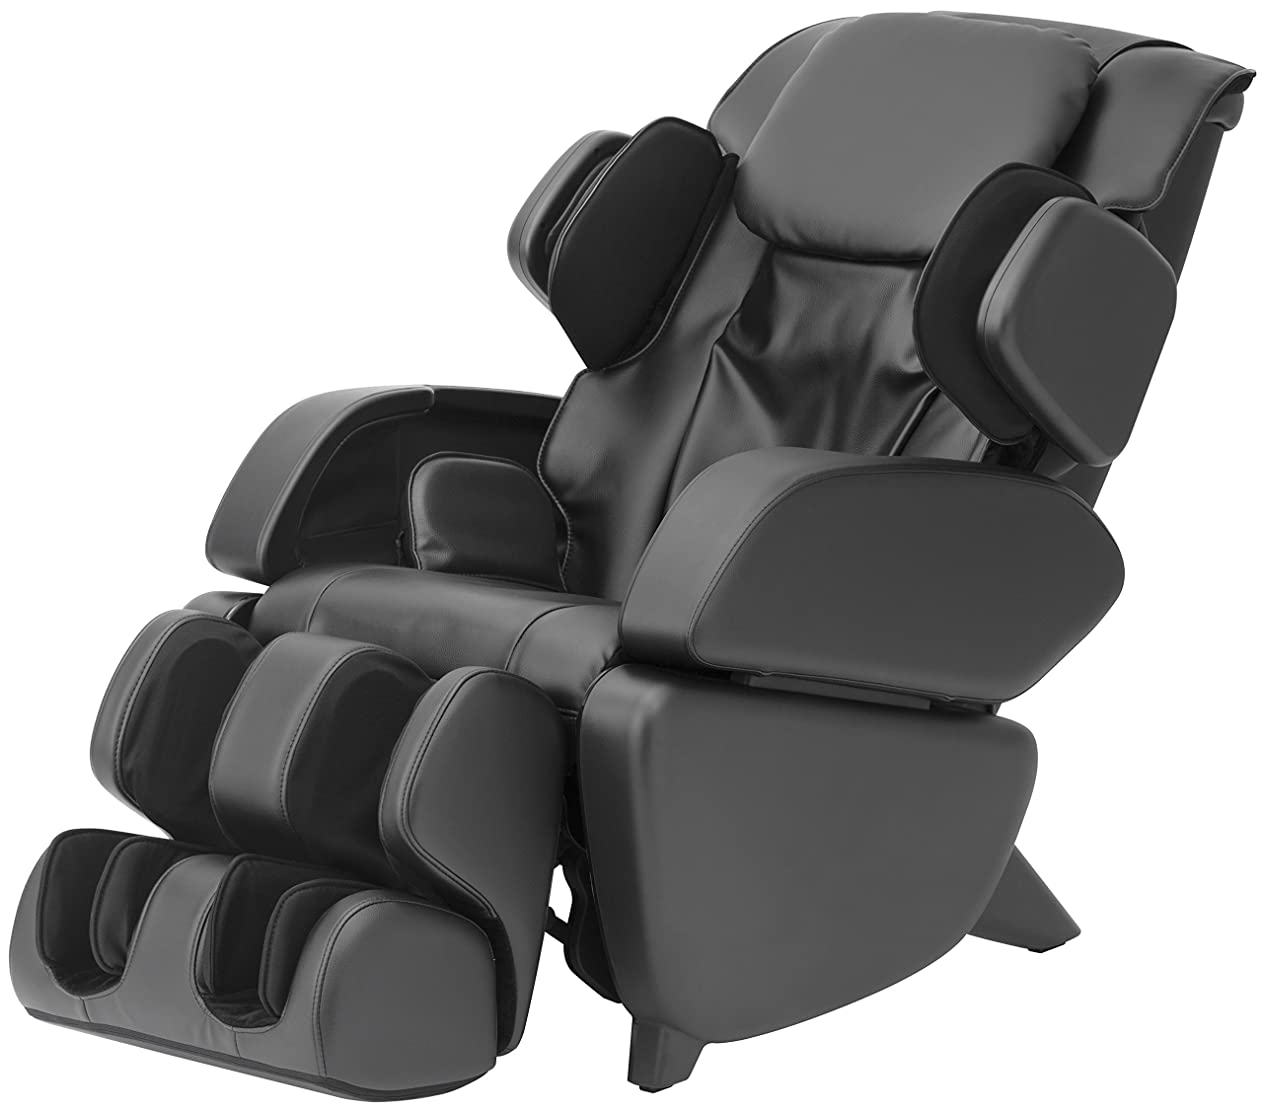 何でも間違えた破産スライヴ マッサージチェア くつろぎ指定席 「つかみもみ?エアーマッサージ機能搭載」 通販限定モデル ブラック CHD-9004-S(K)